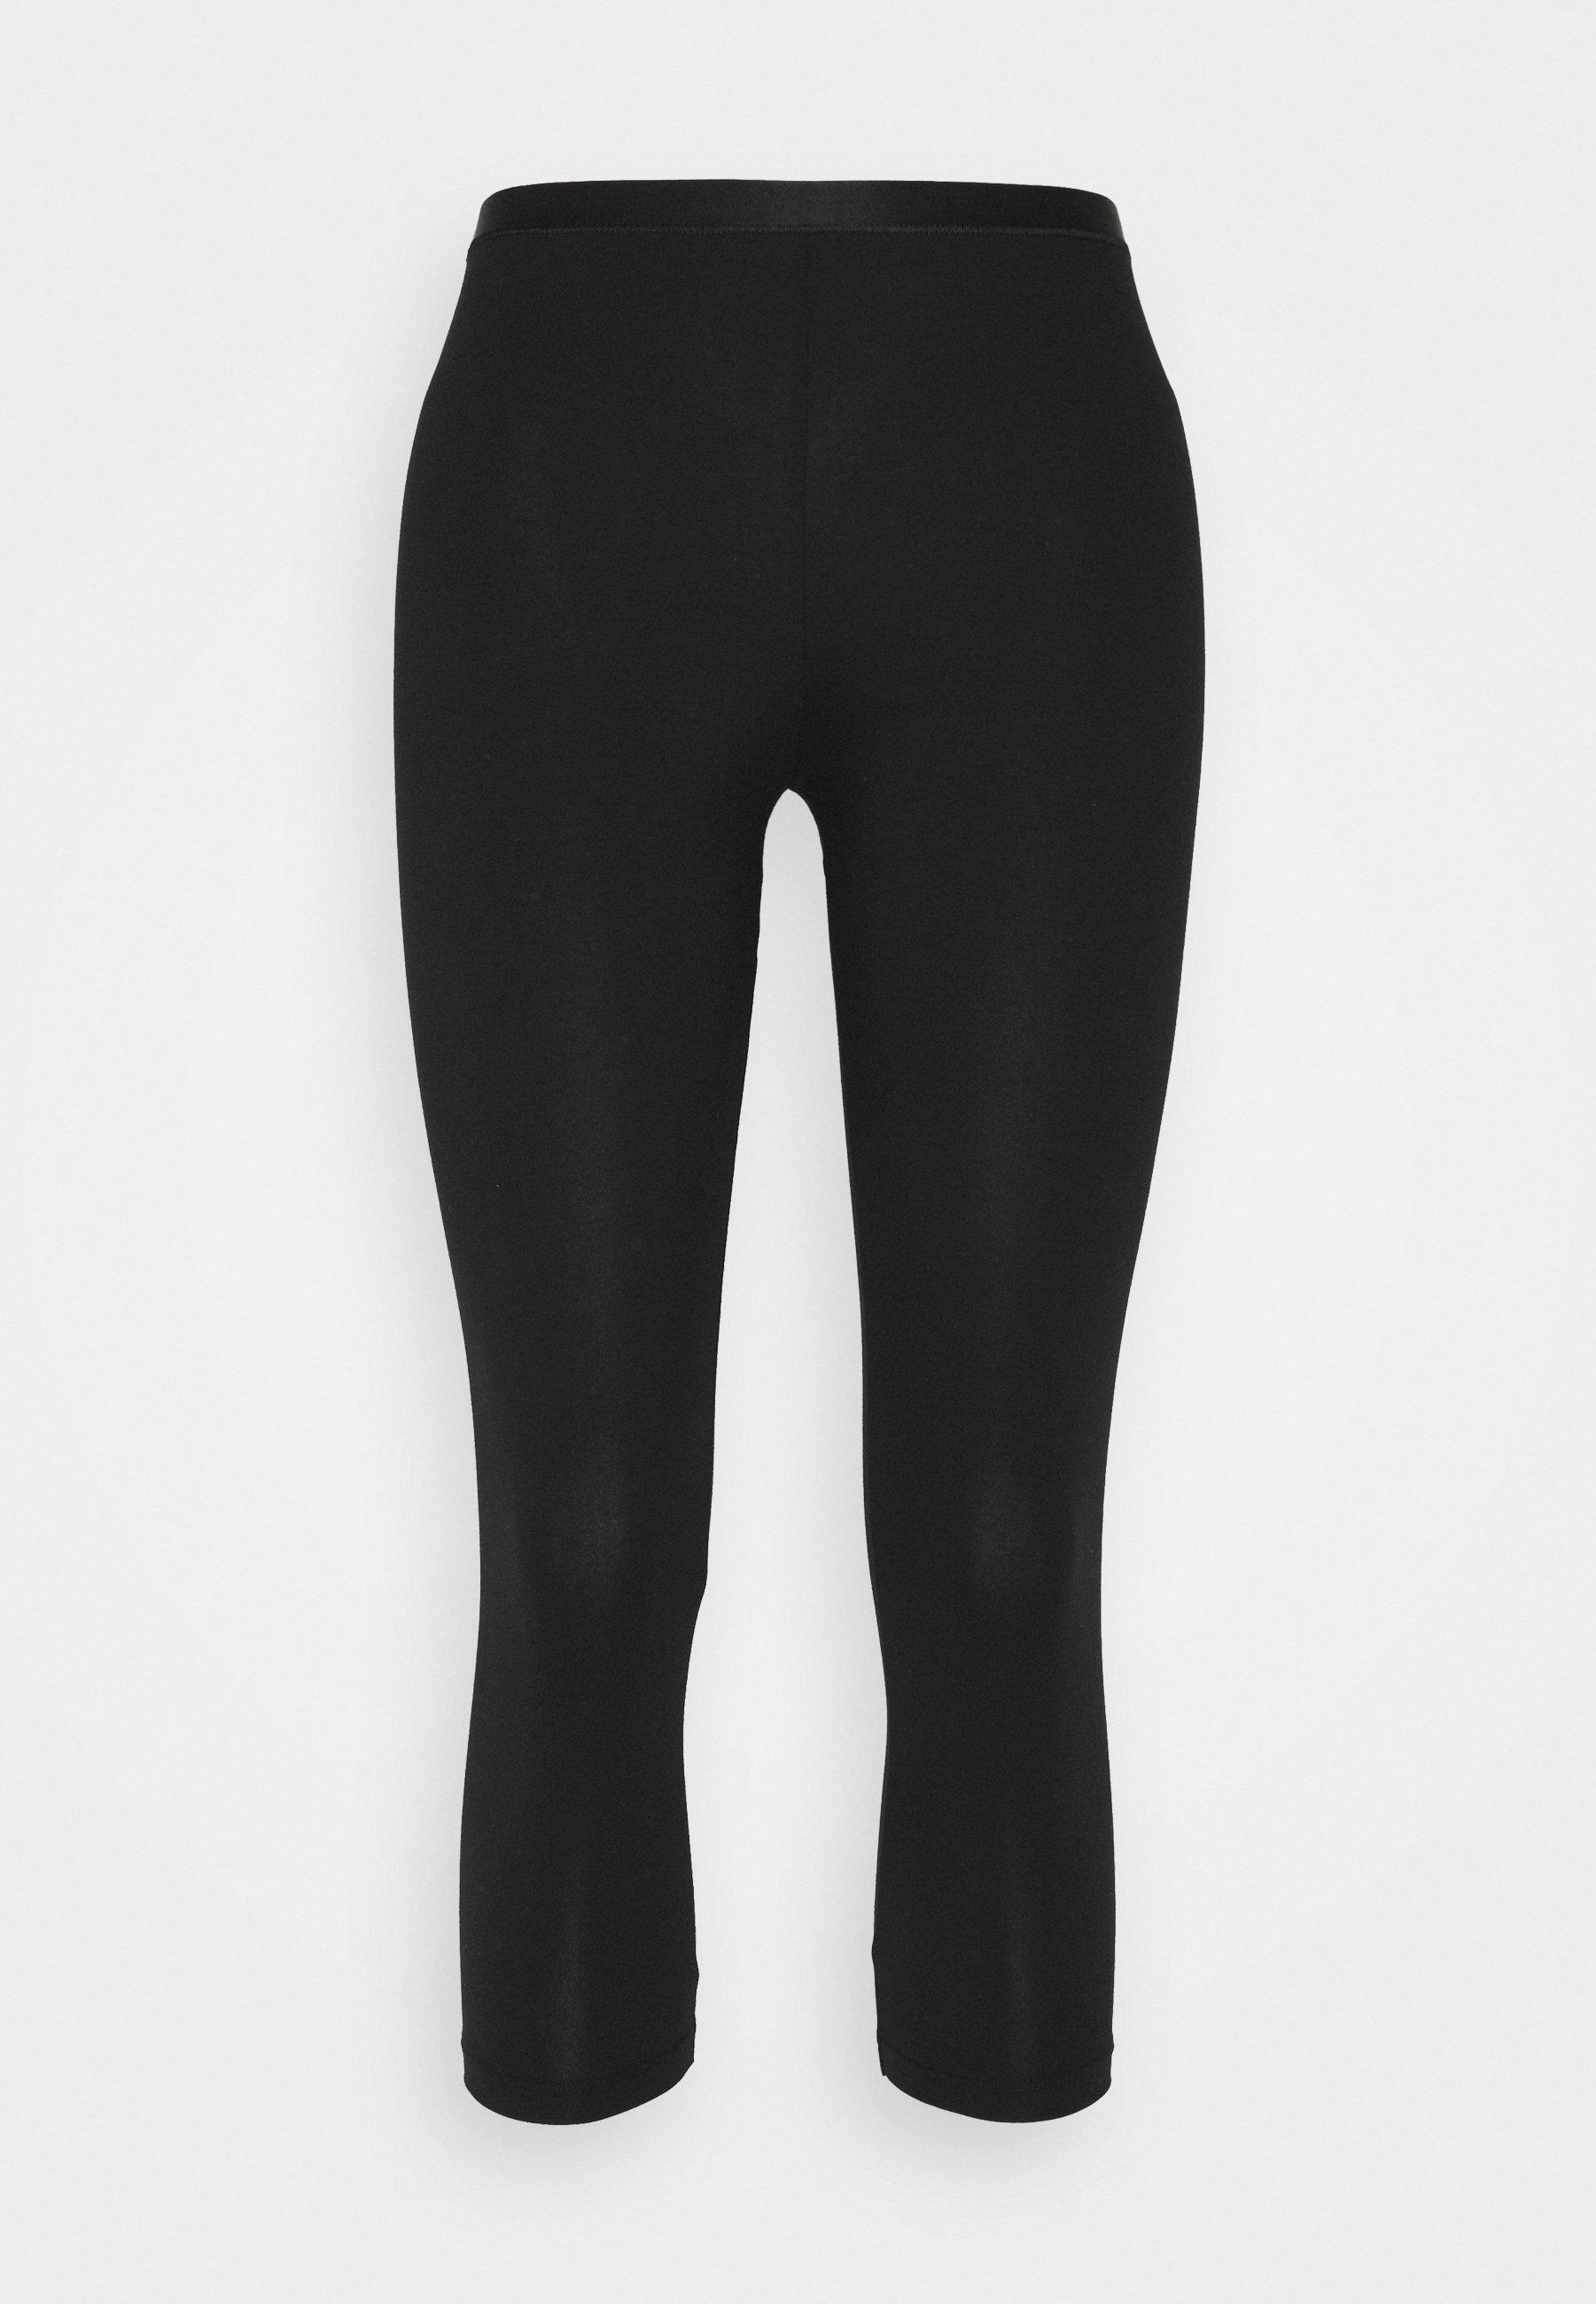 Damen NATURAL COMFORT - Nachtwäsche Hose